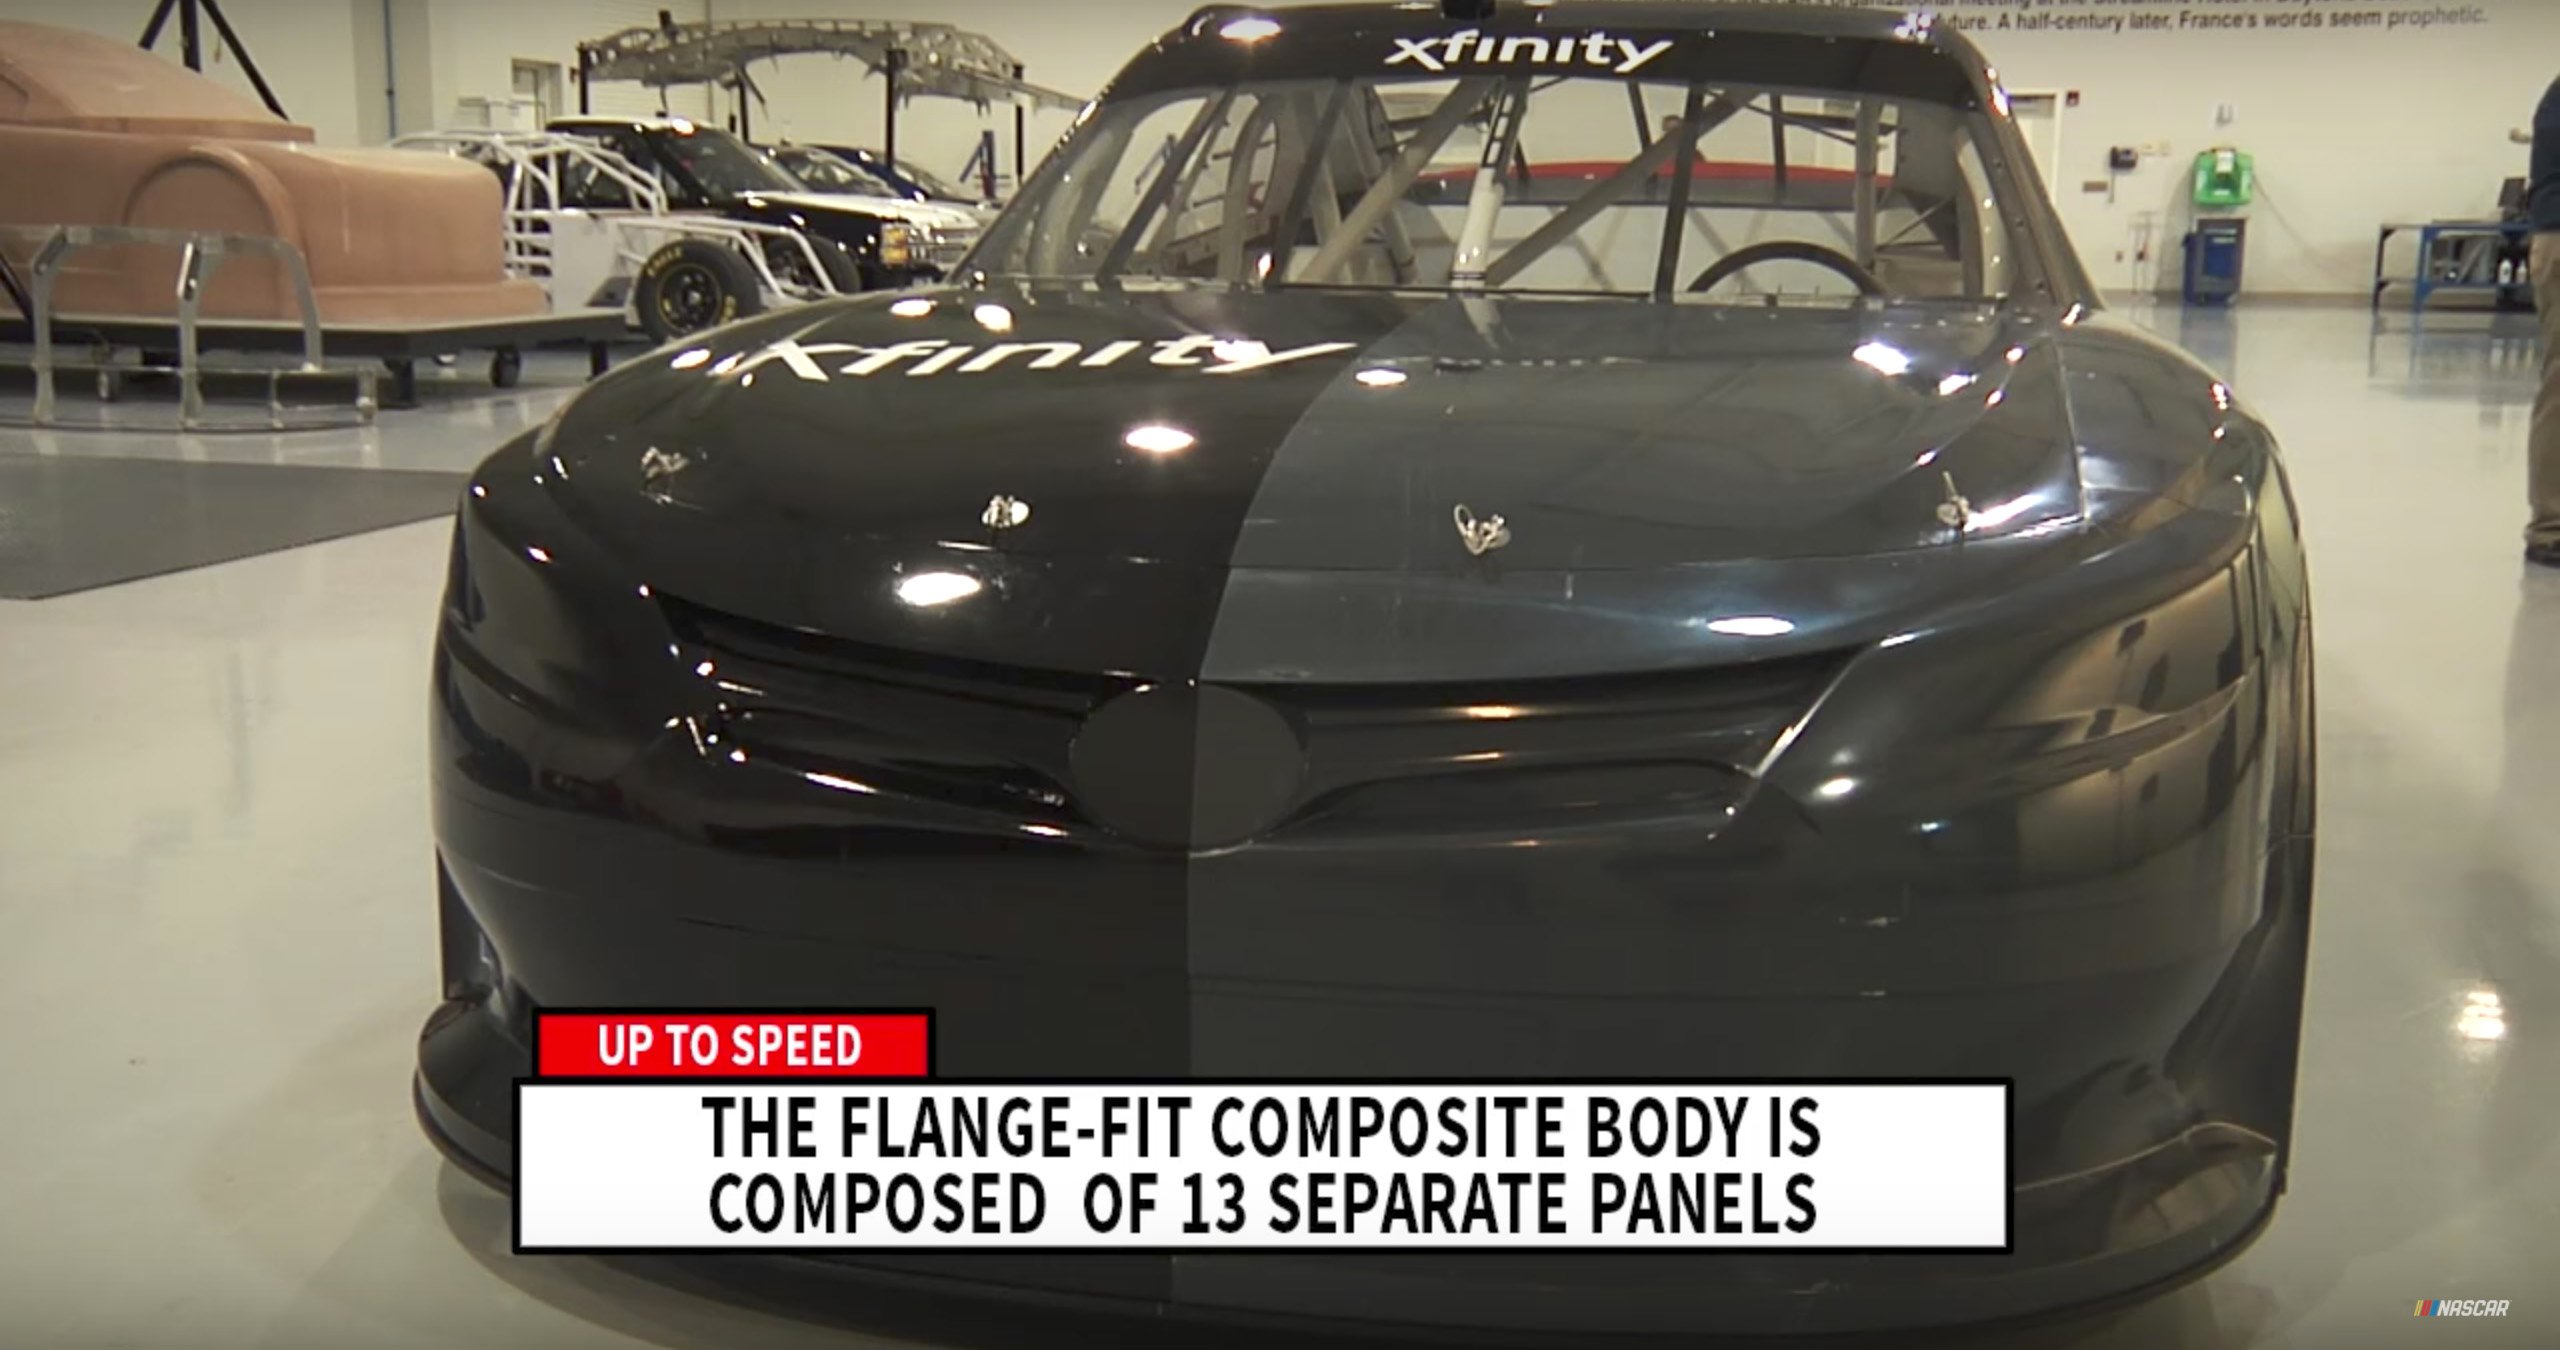 NASCAR flange-fit body vs steel body